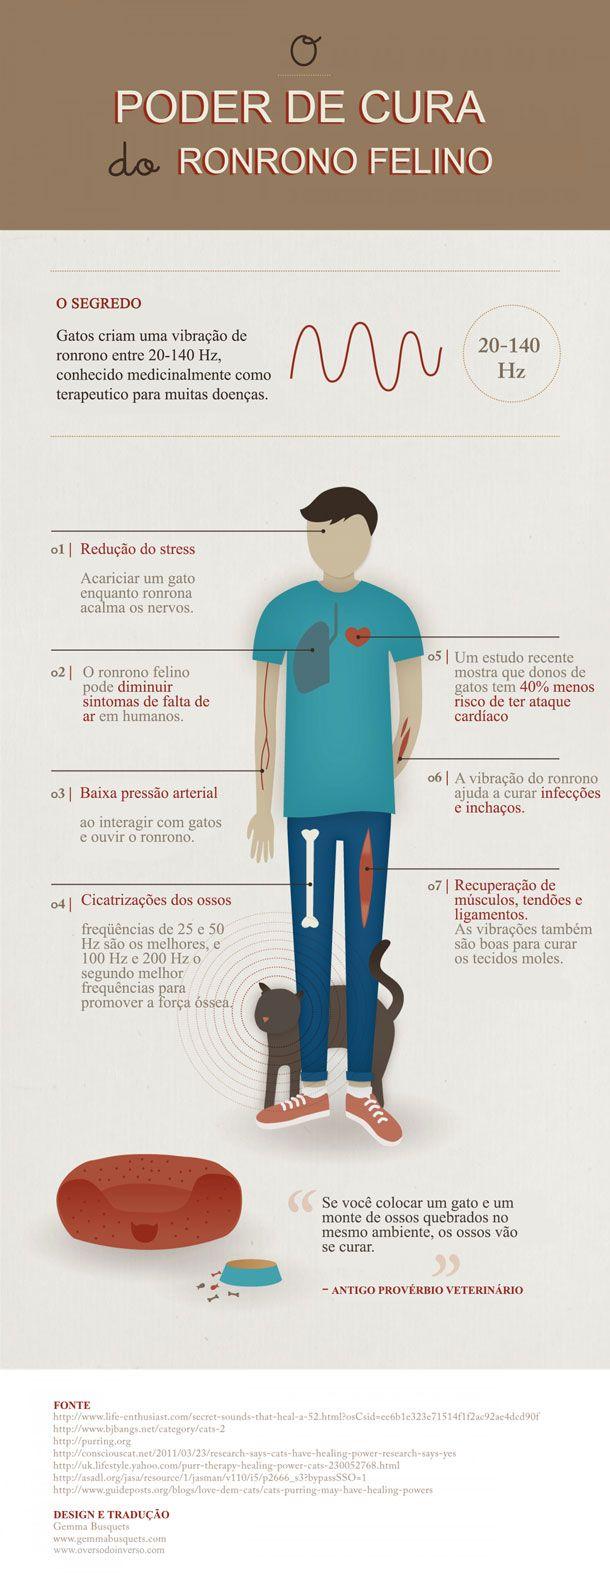 As maneiras brilhantes que gatos estão secretamente ajudando seus donos a serem mais saudáveis - Awebic